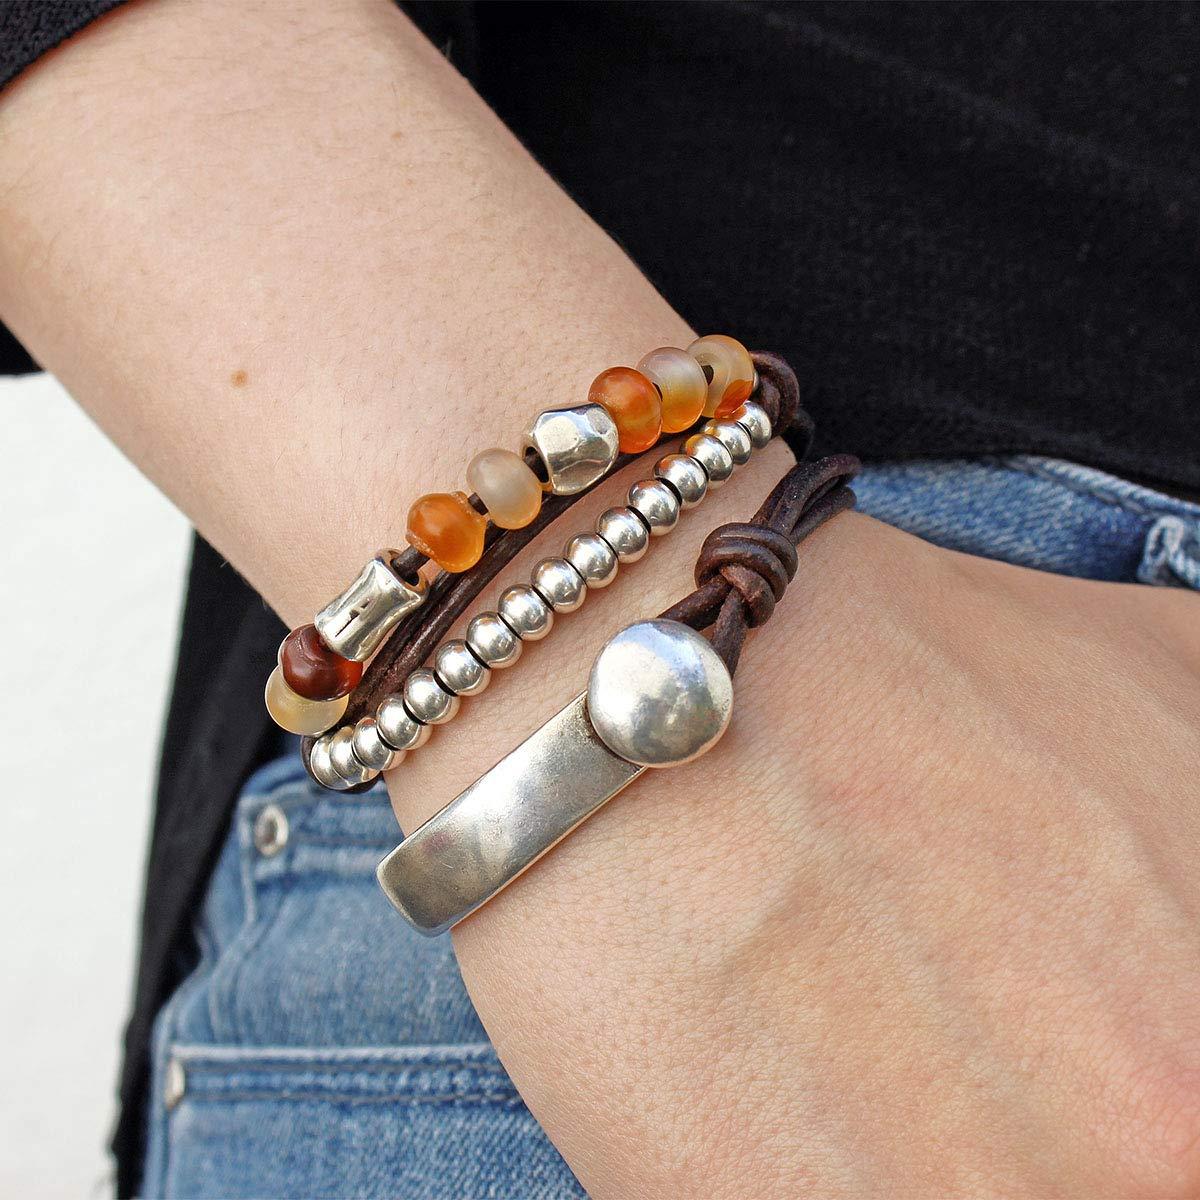 7 pouces cornaline Bracelet de pierres pr/écieuses semi-pr/écieuses Naturel AAA cornaline Bracelet extensible Bracelet pour les fille Bracelet unisexe 14mm Ovale Facettes Perles